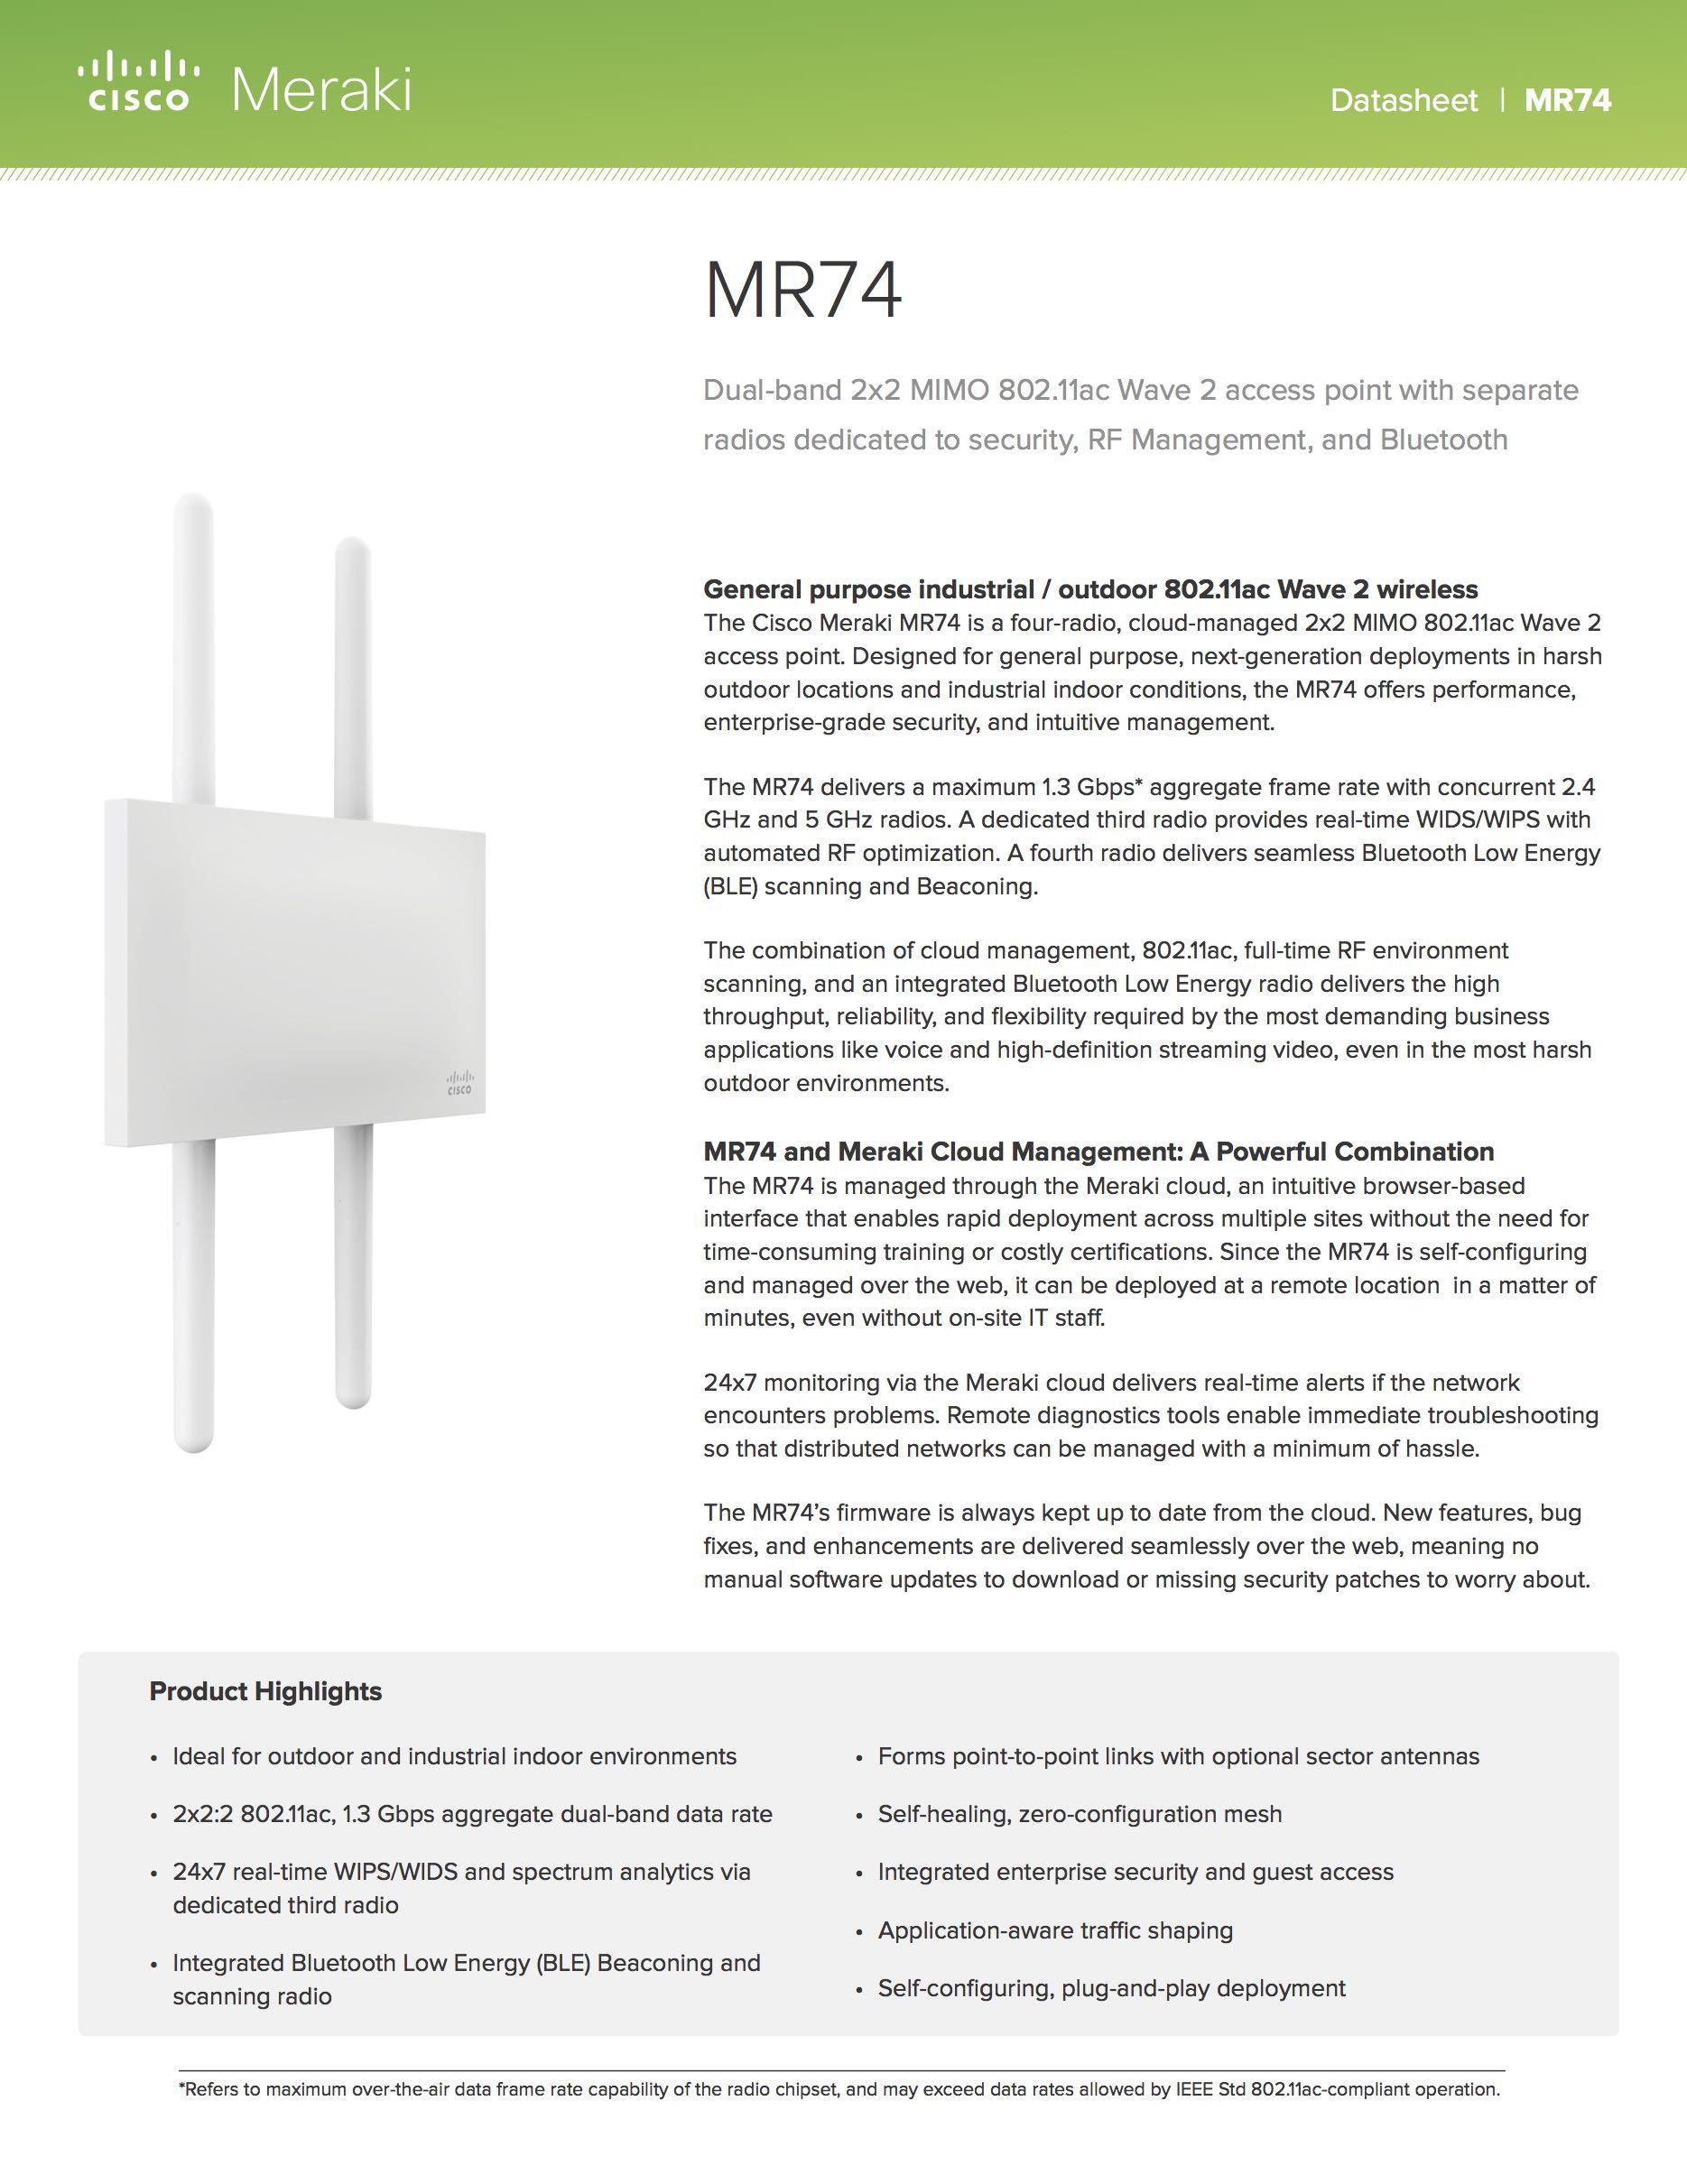 MR74 Datasheet